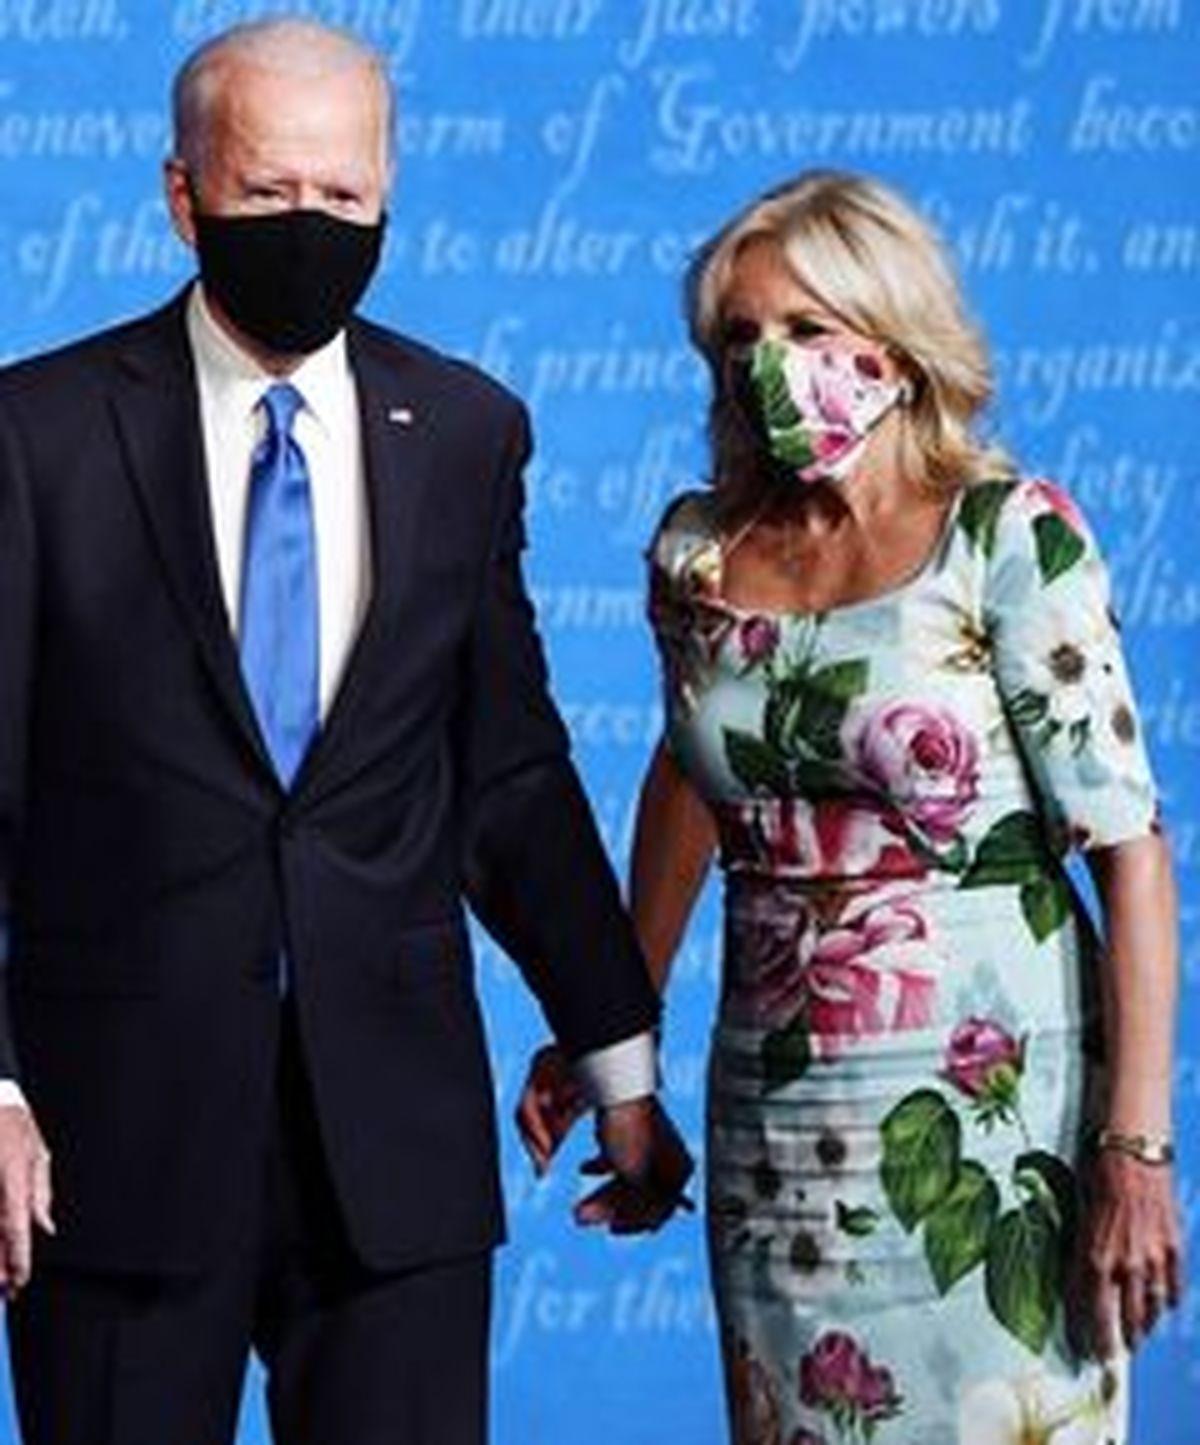 عکس دیده نشده و جنجالی از همسر رئیس جمهور + عکس